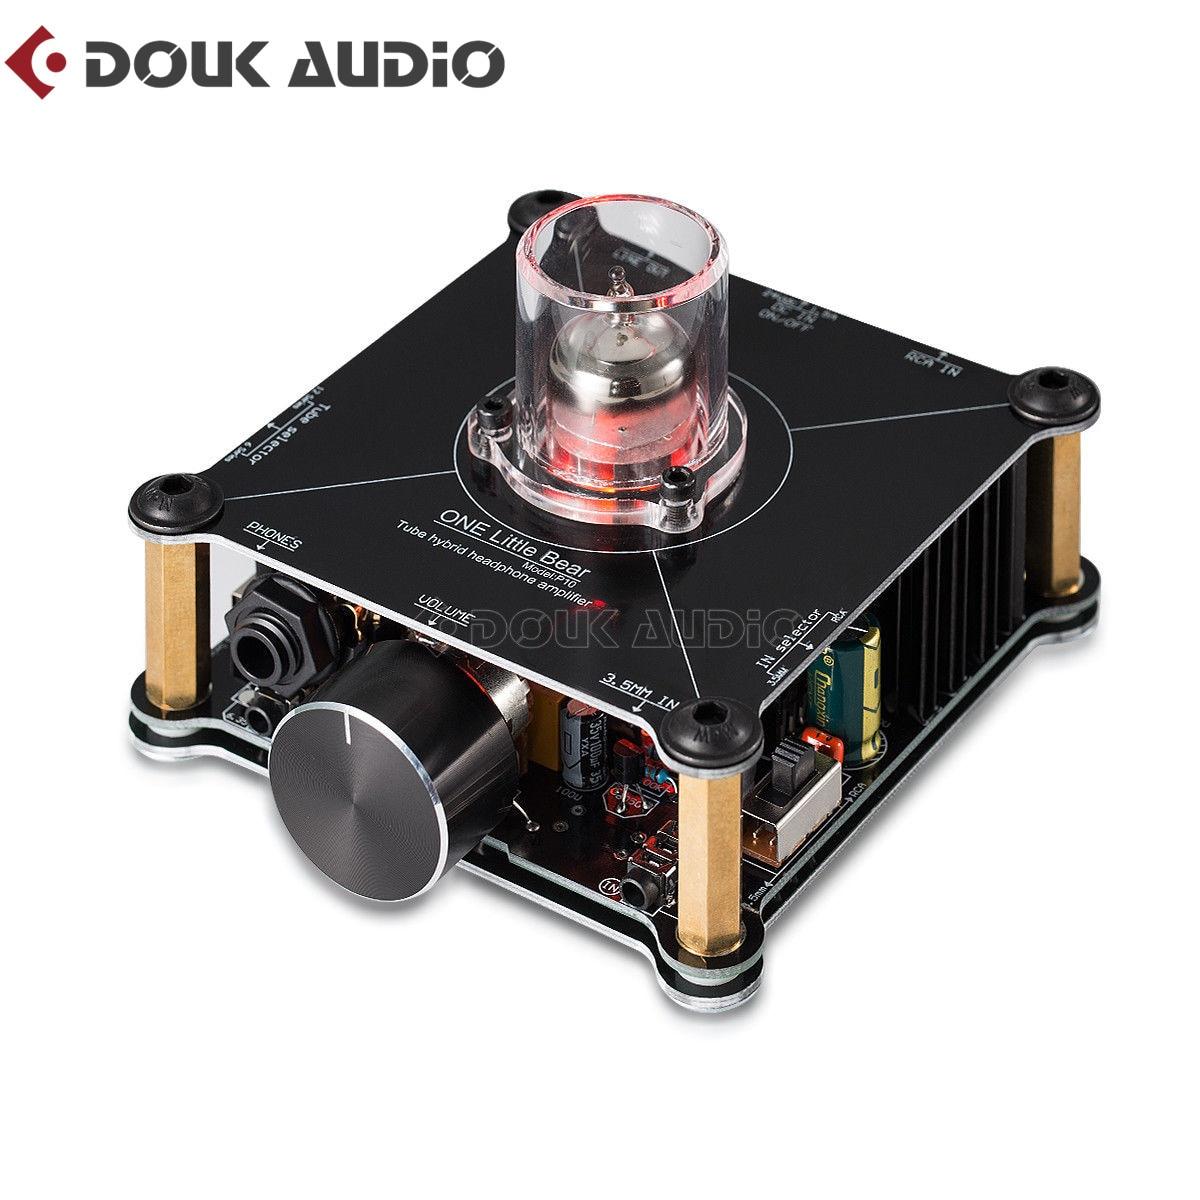 Douk audio Salut-fi Mini Classe UN 12AU7 Tube Multi-Hybride Casque Amplificateur Stéréo Pré-Amp Little Bear P10 accueil Amp